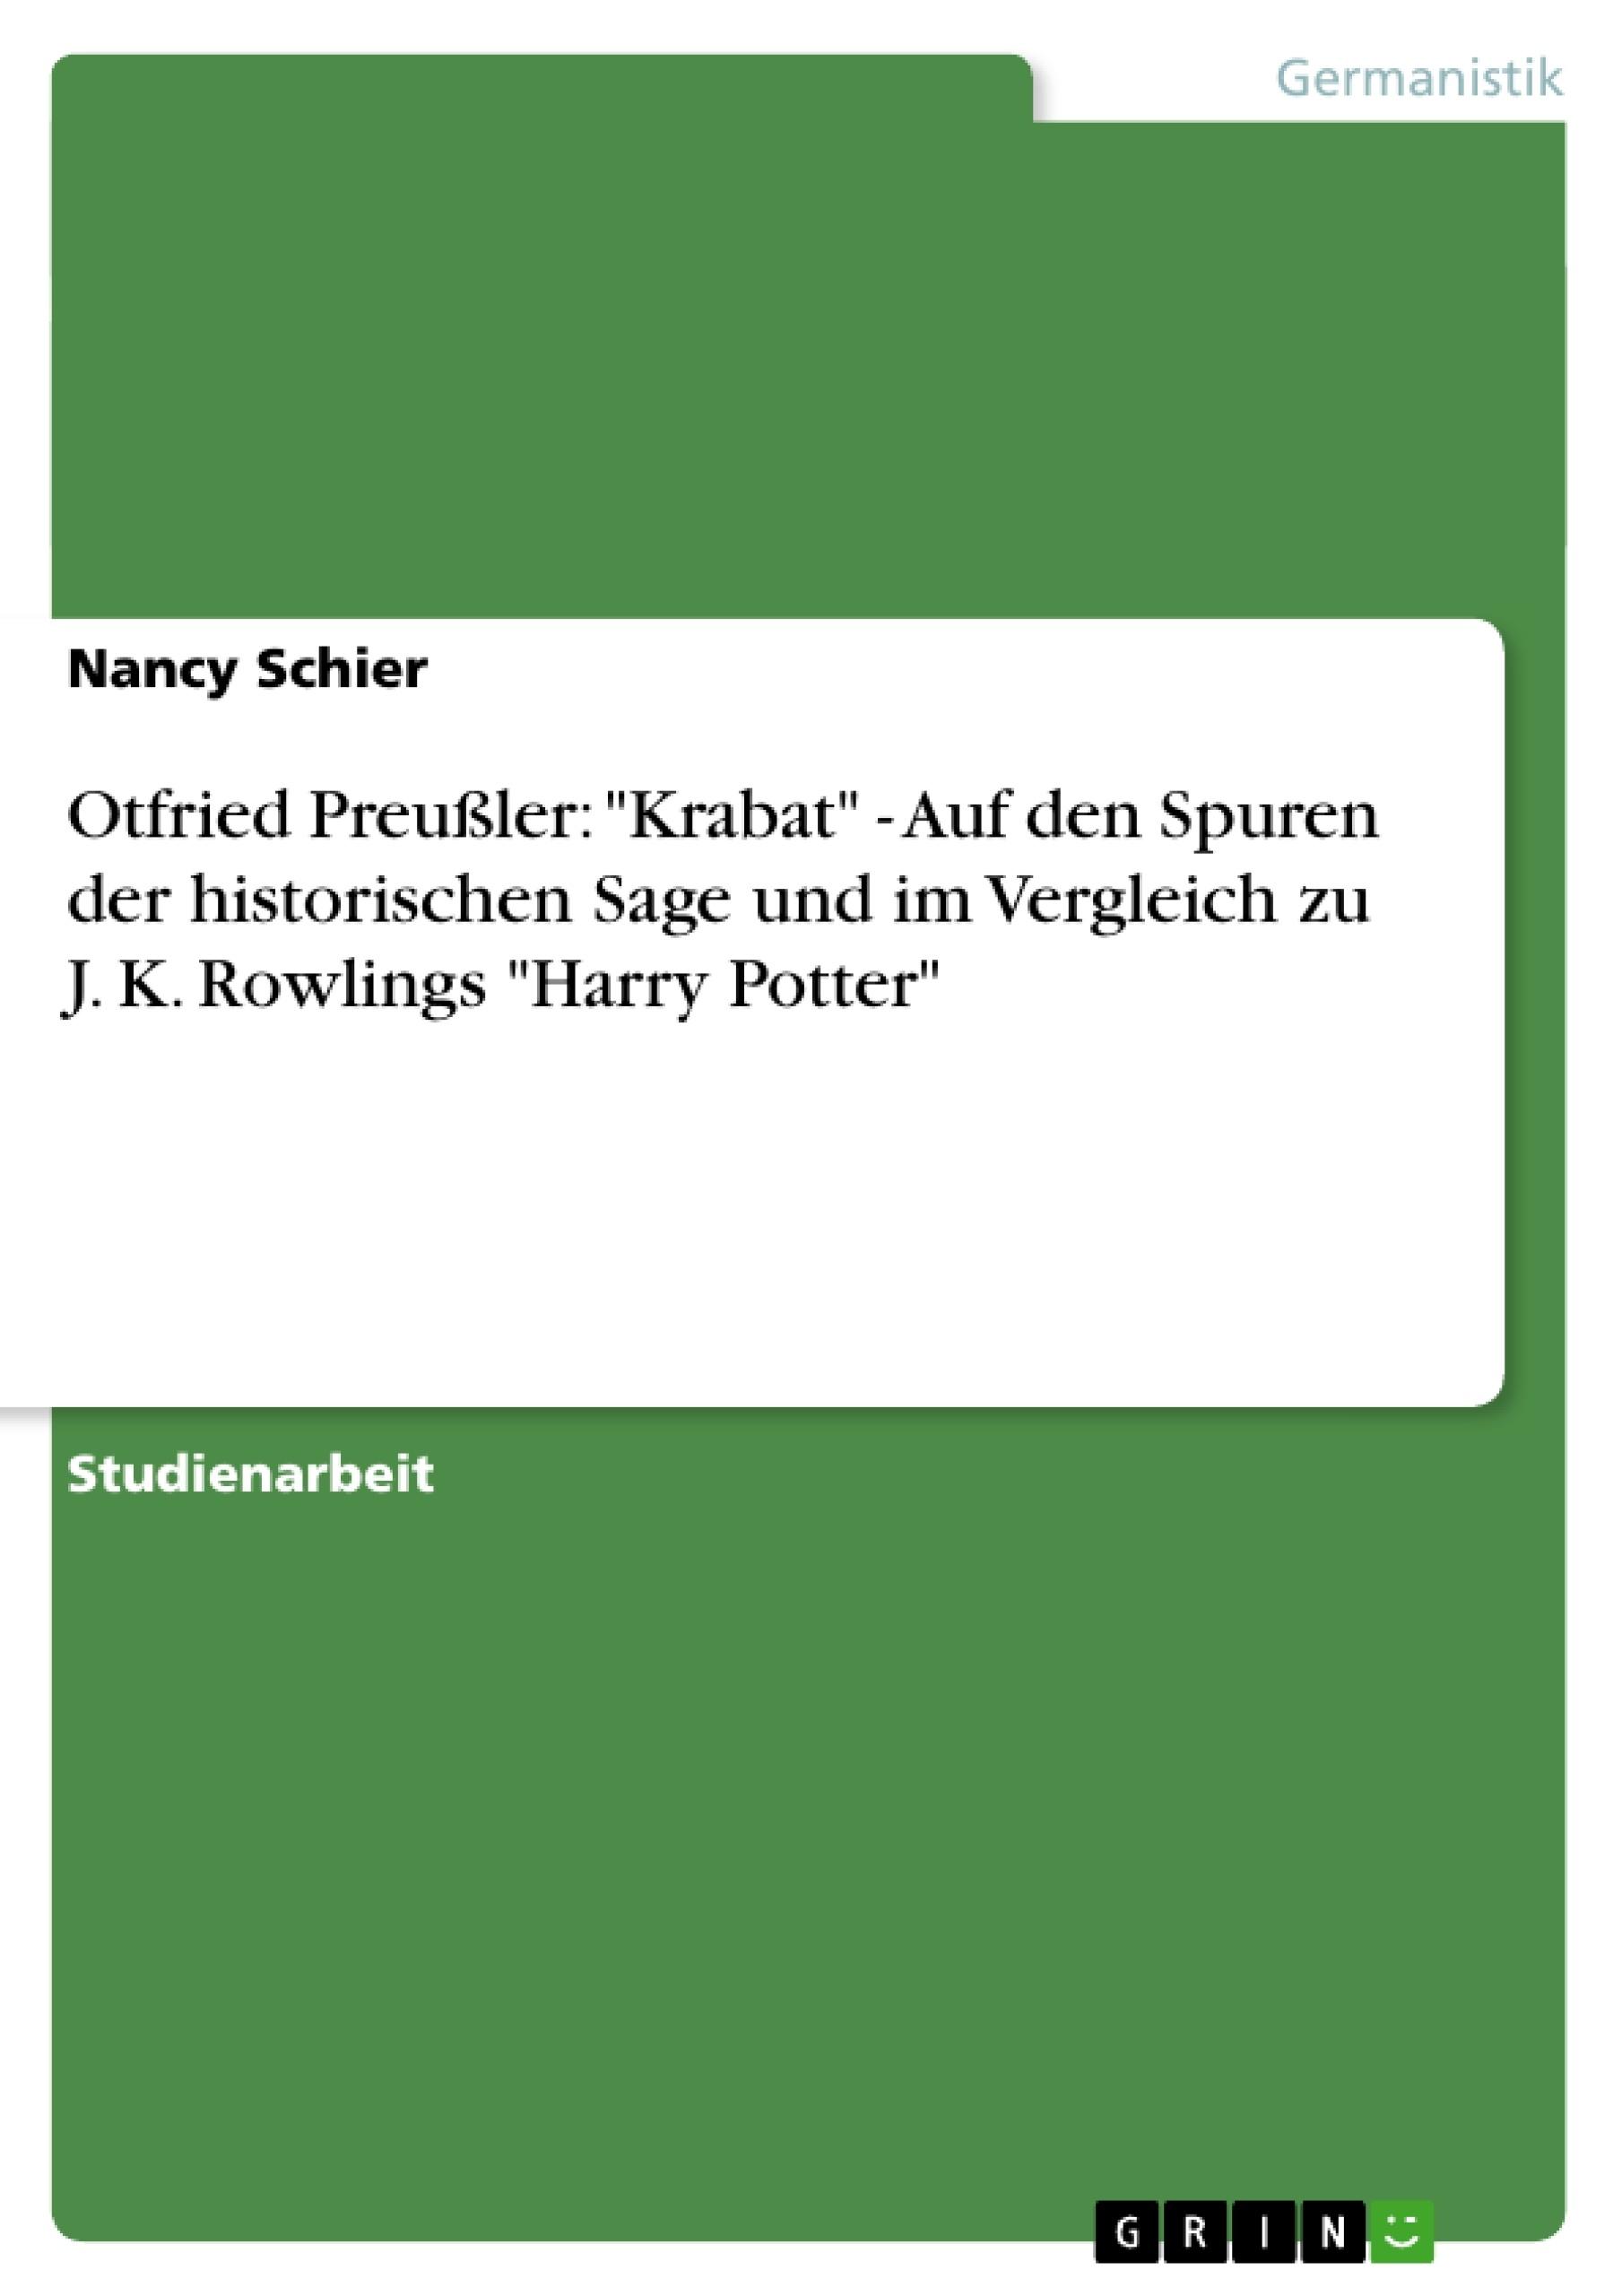 """Titel: Otfried Preußler: """"Krabat"""" - Auf den Spuren der historischen Sage und im Vergleich zu J. K. Rowlings """"Harry Potter"""""""